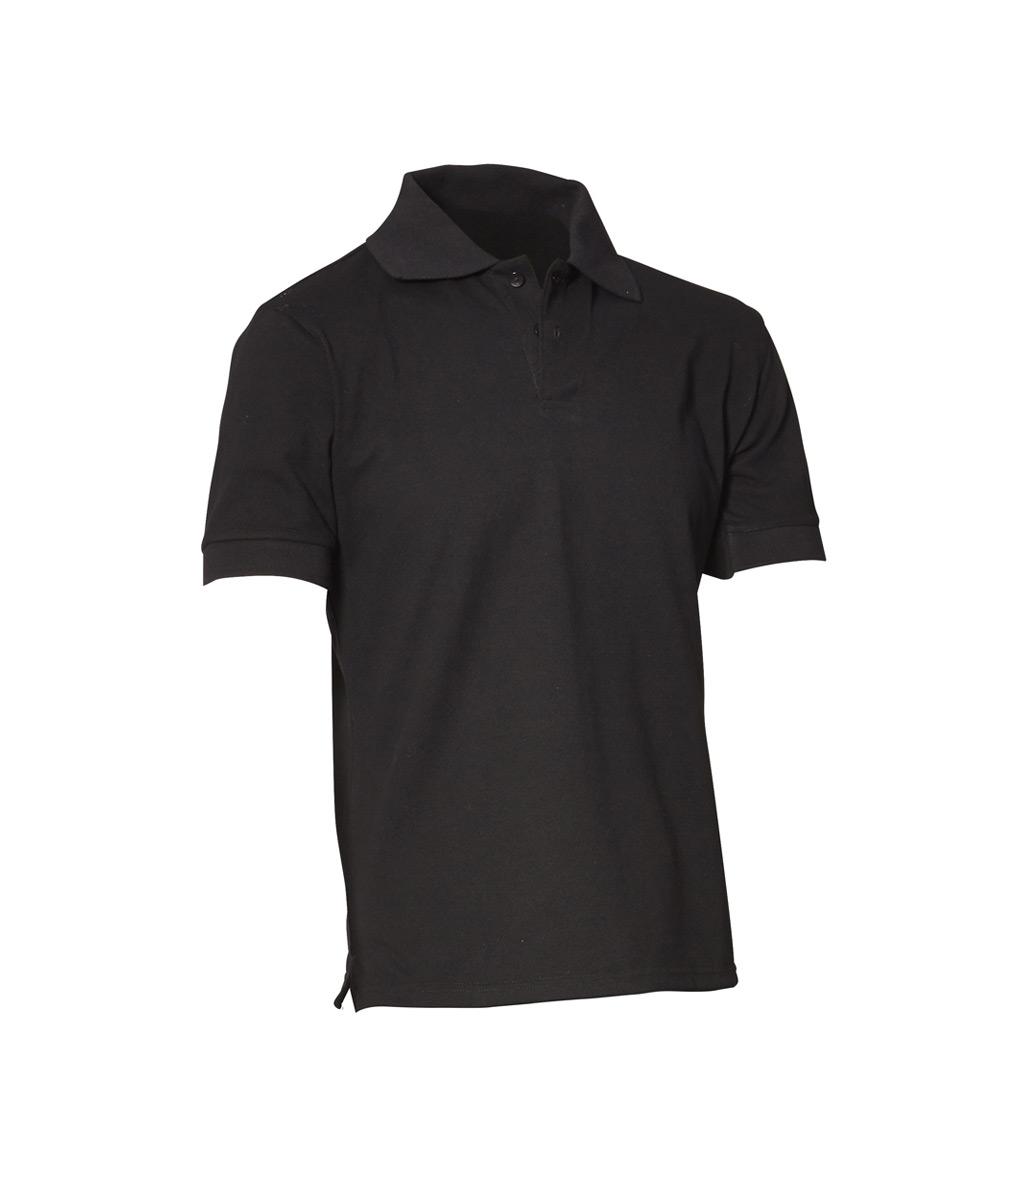 Mens Polo Shirt – Black – Neon by Fashion Biz Chef Uniforms